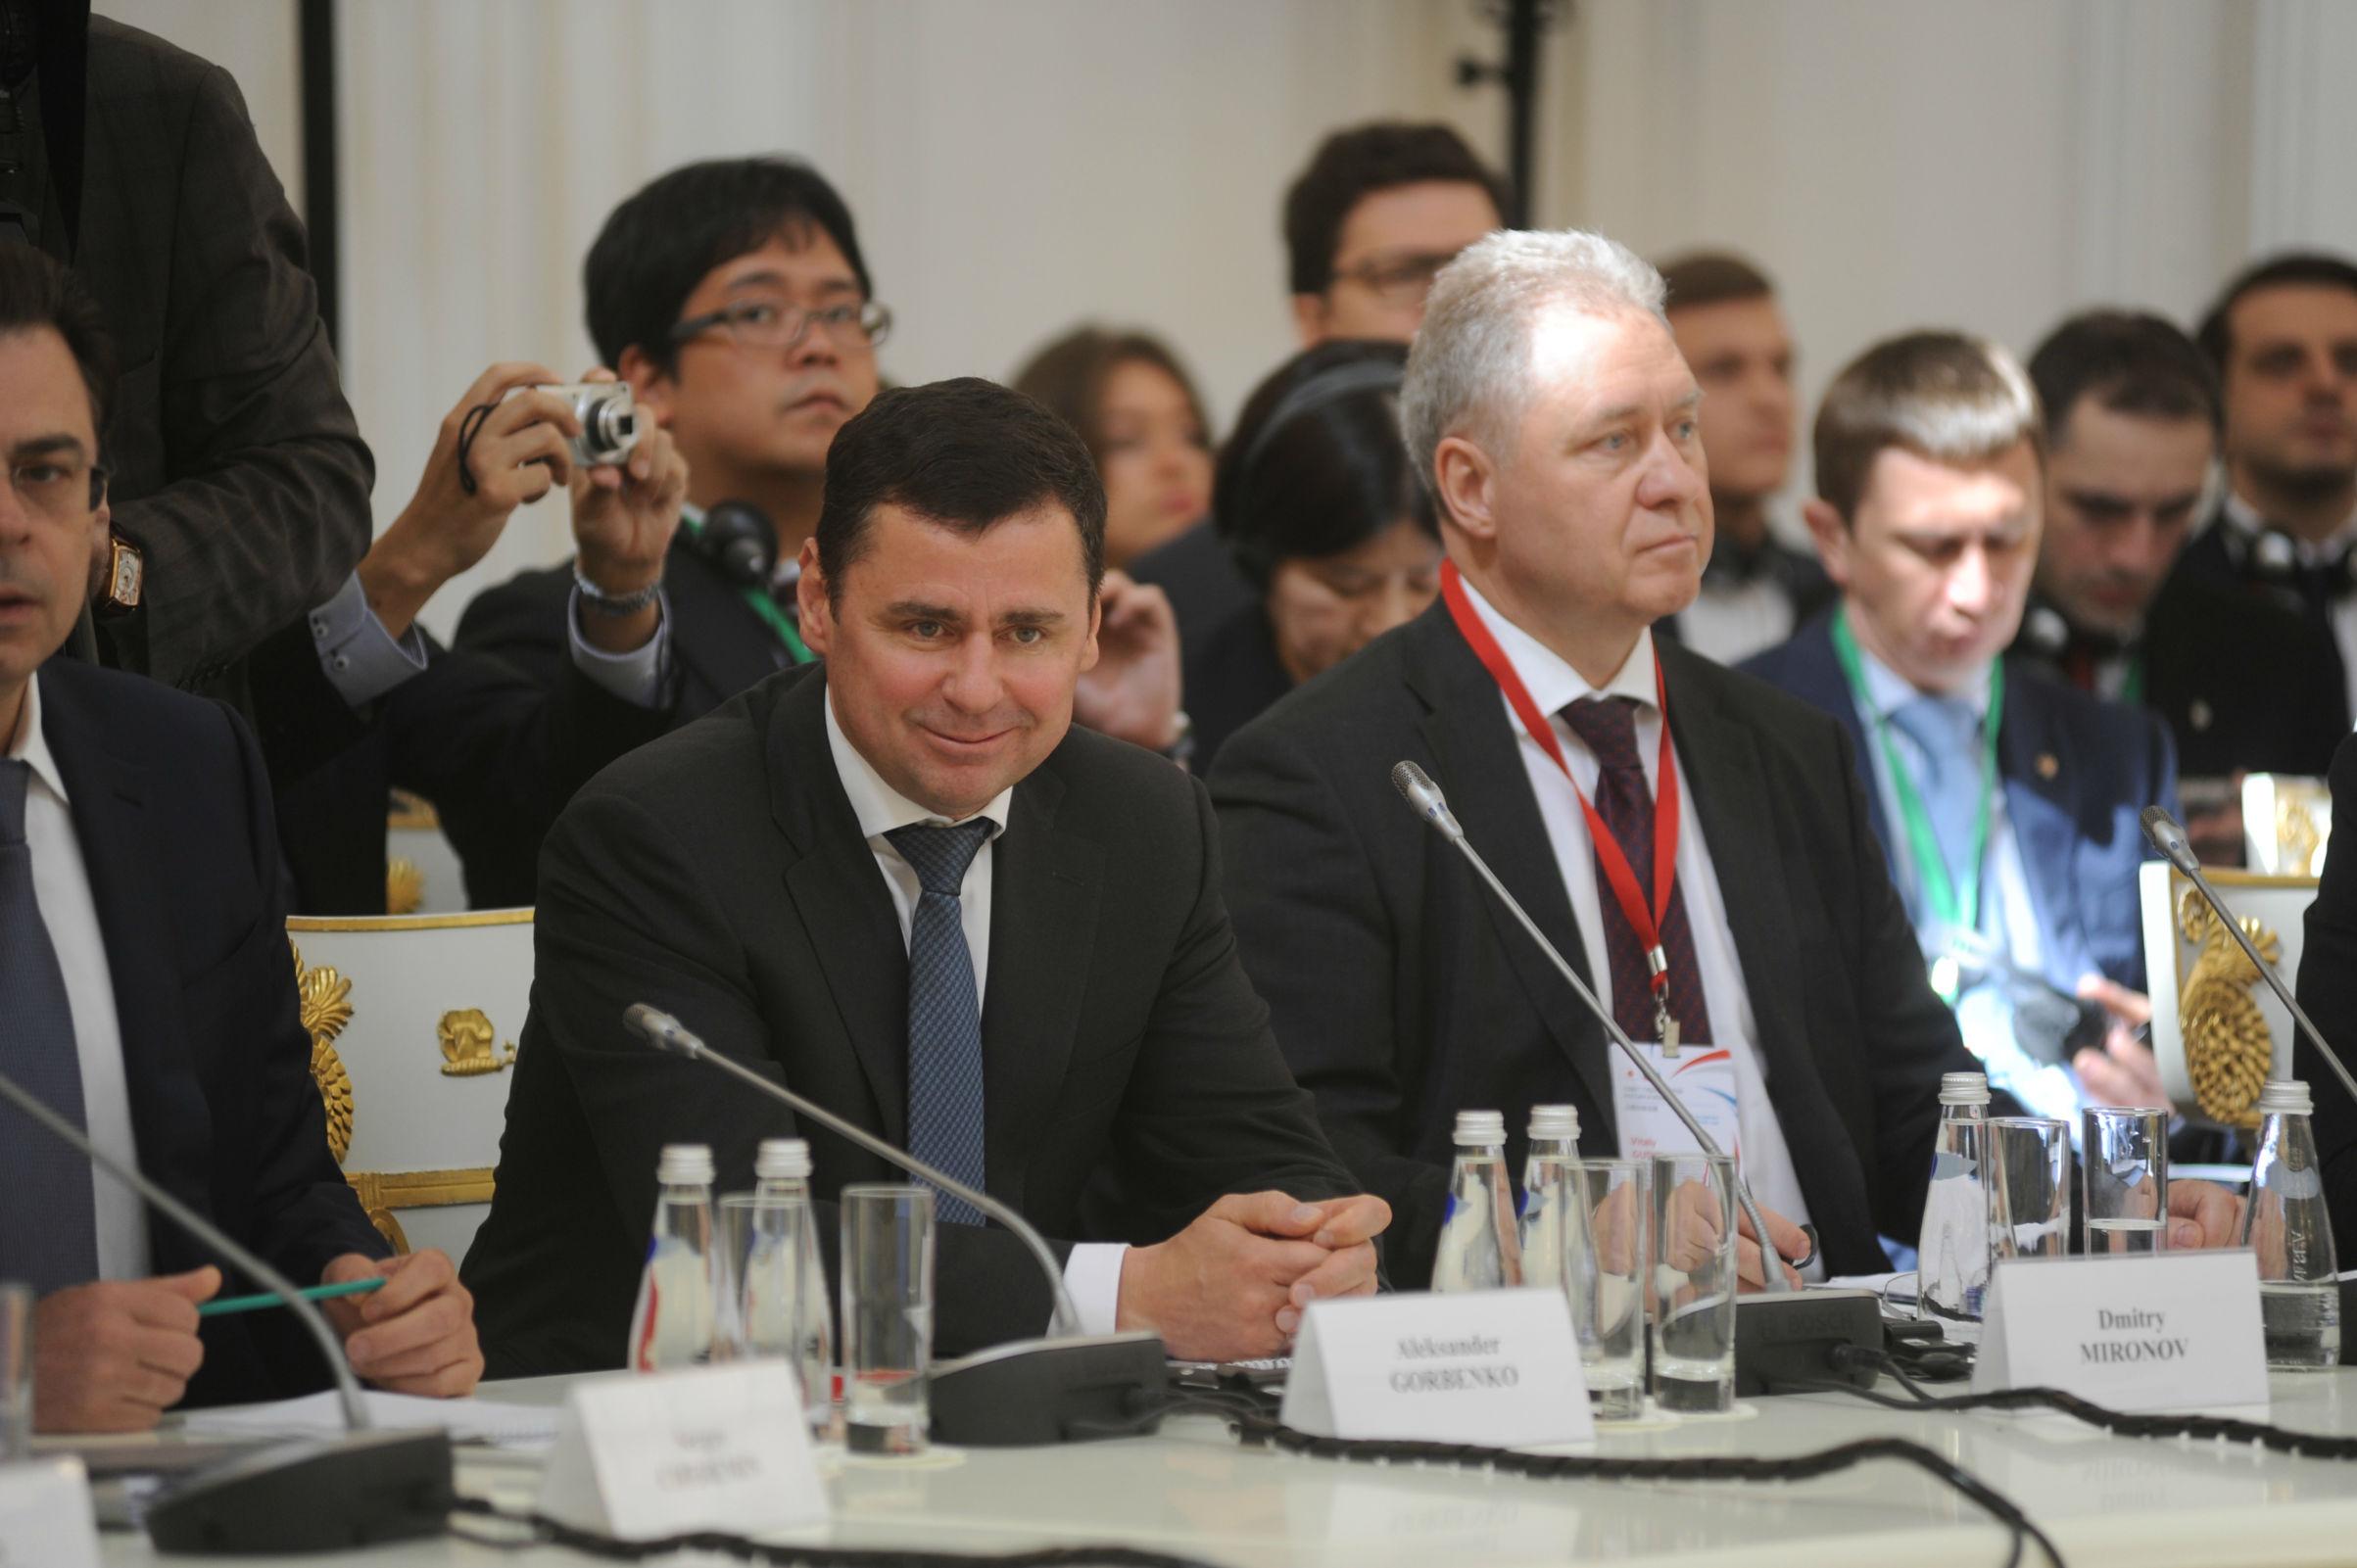 Дмитрий Миронов: у Ярославской области есть потенциал для расширения сотрудничества с Японией